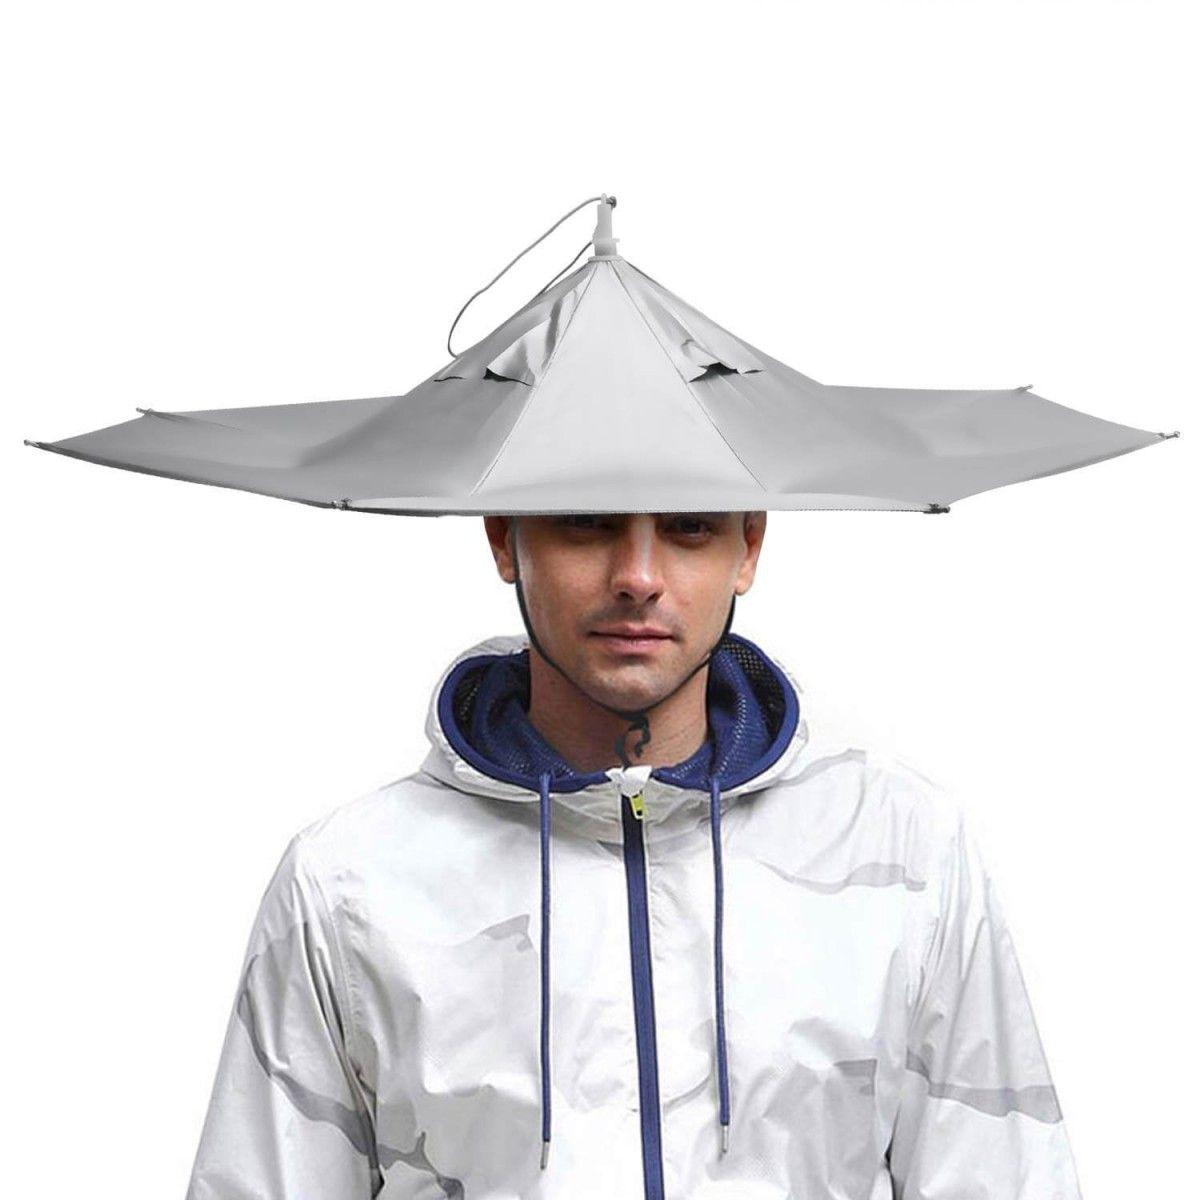 Umbrella Hat Top 10 Cool Umbrella Hats Hand Picked Unisex Cool Umbrellas Fishing Umbrella Rain Cap